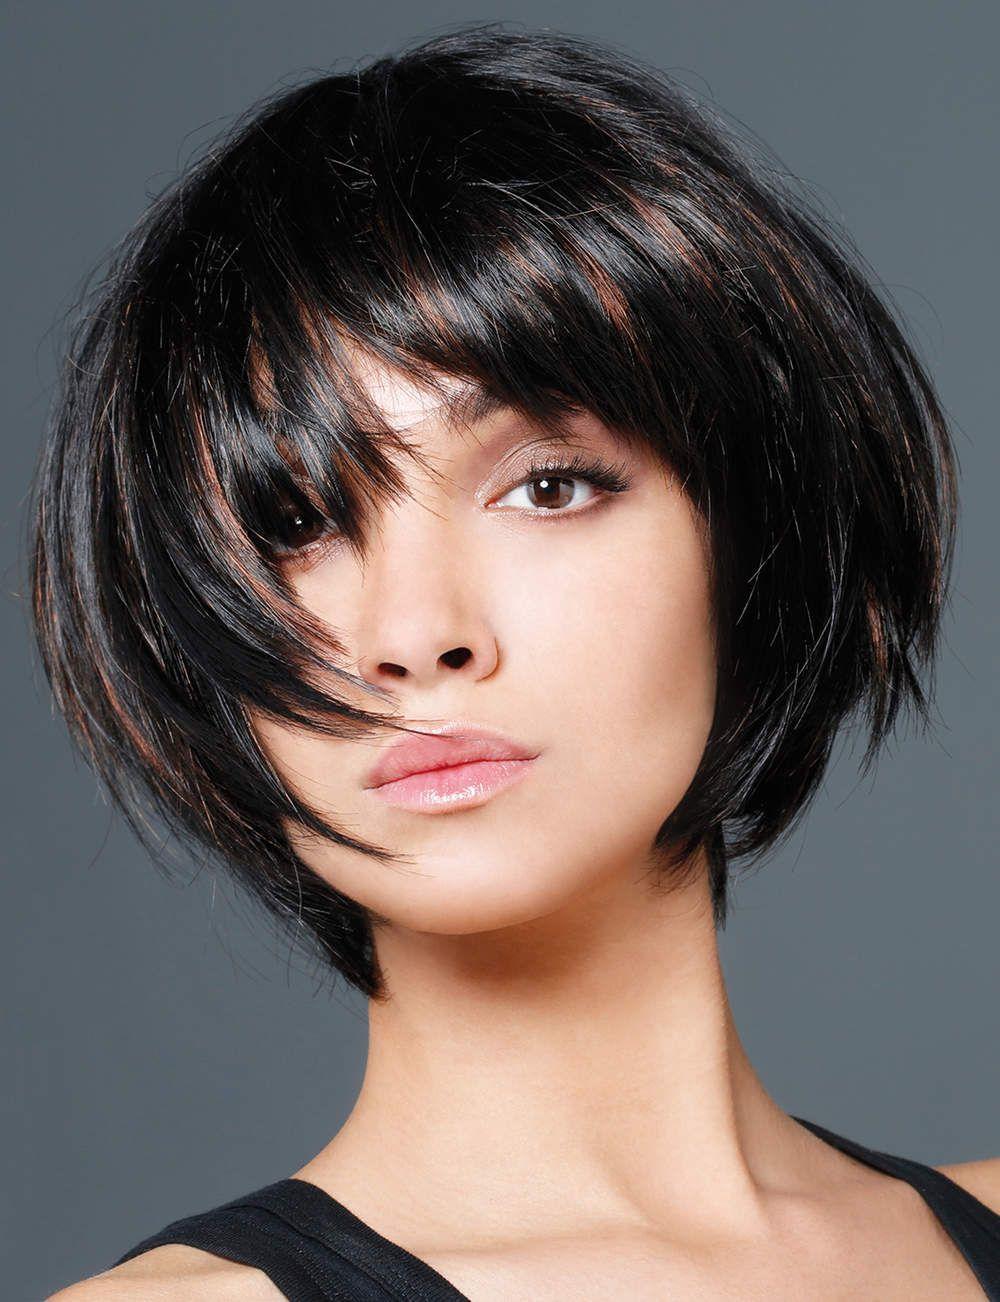 un carr volumineux les tendances coupes de cheveux de l 39 automne hiver femme actuelle coupe. Black Bedroom Furniture Sets. Home Design Ideas